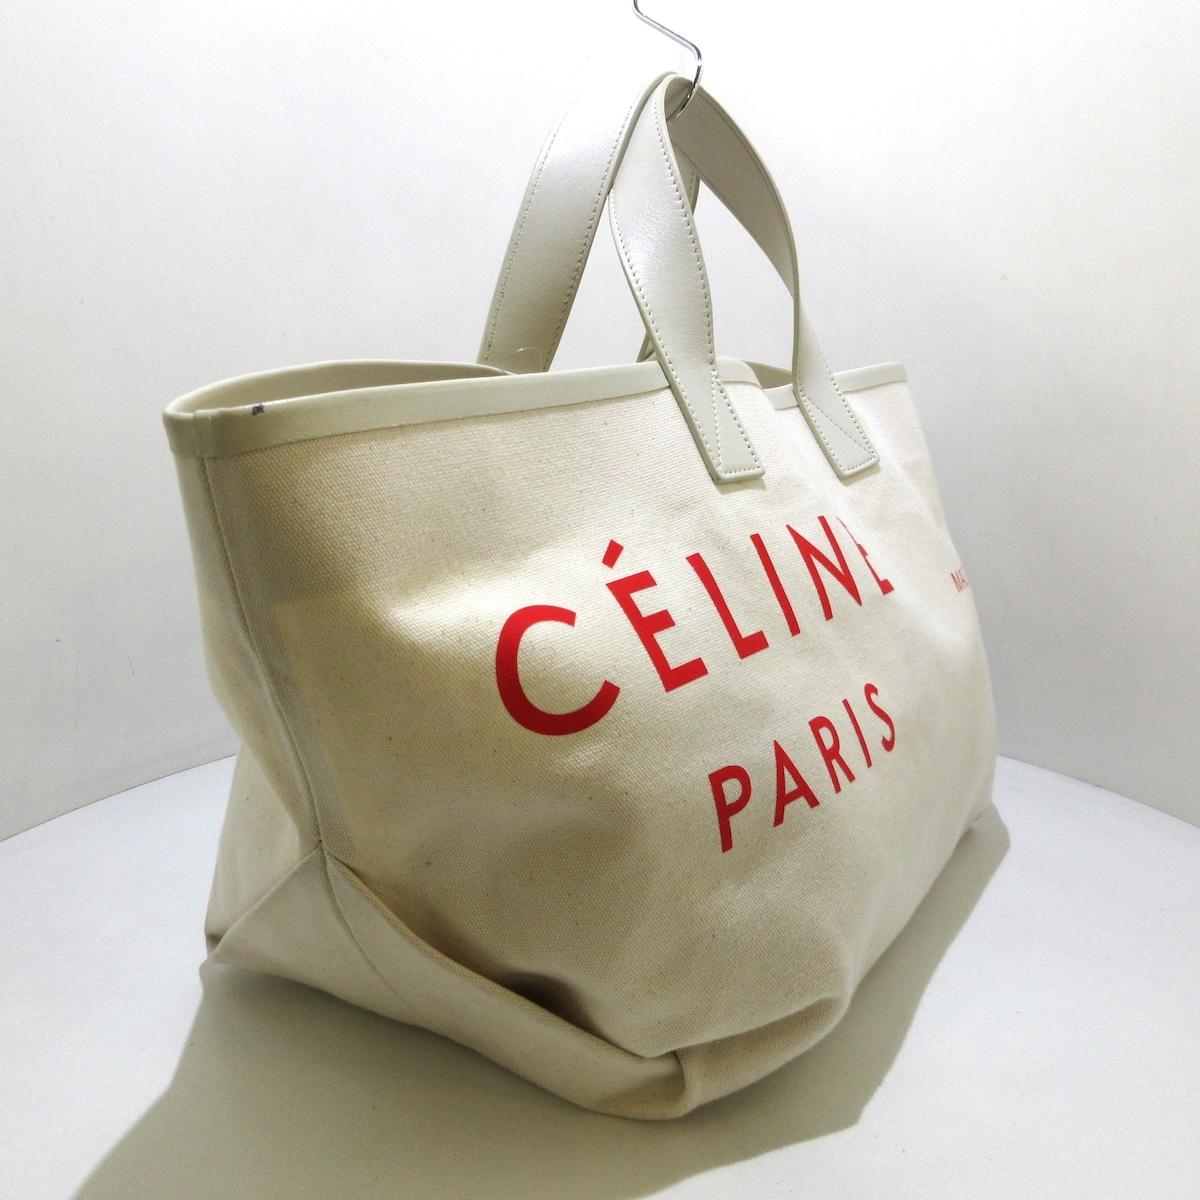 CELINE(セリーヌ)のメイドイントート スモール